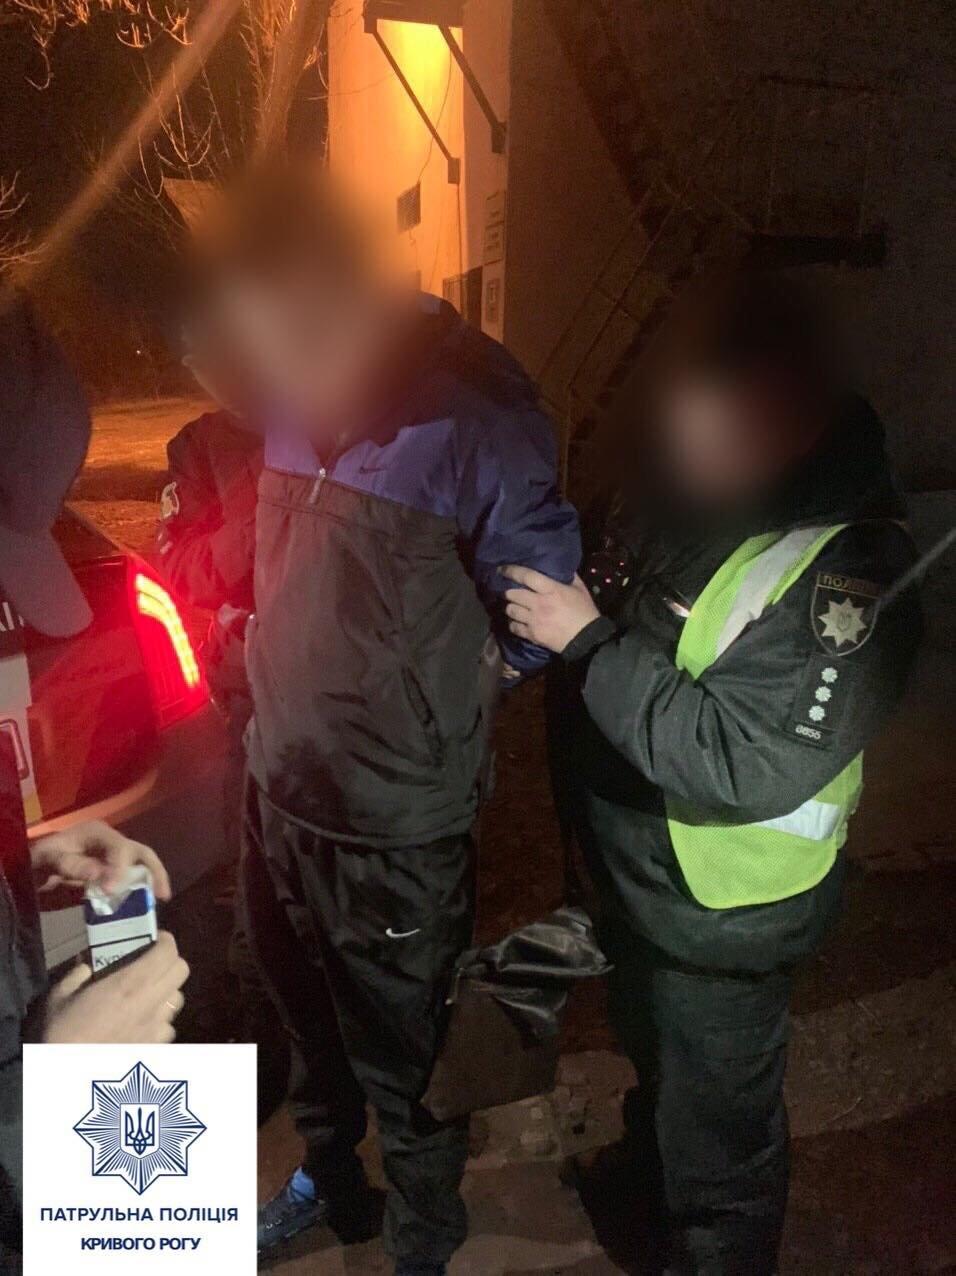 Патрульные в Кривом Роге задержали сбежавшего из больницы заключенного, - ФОТО, фото-1